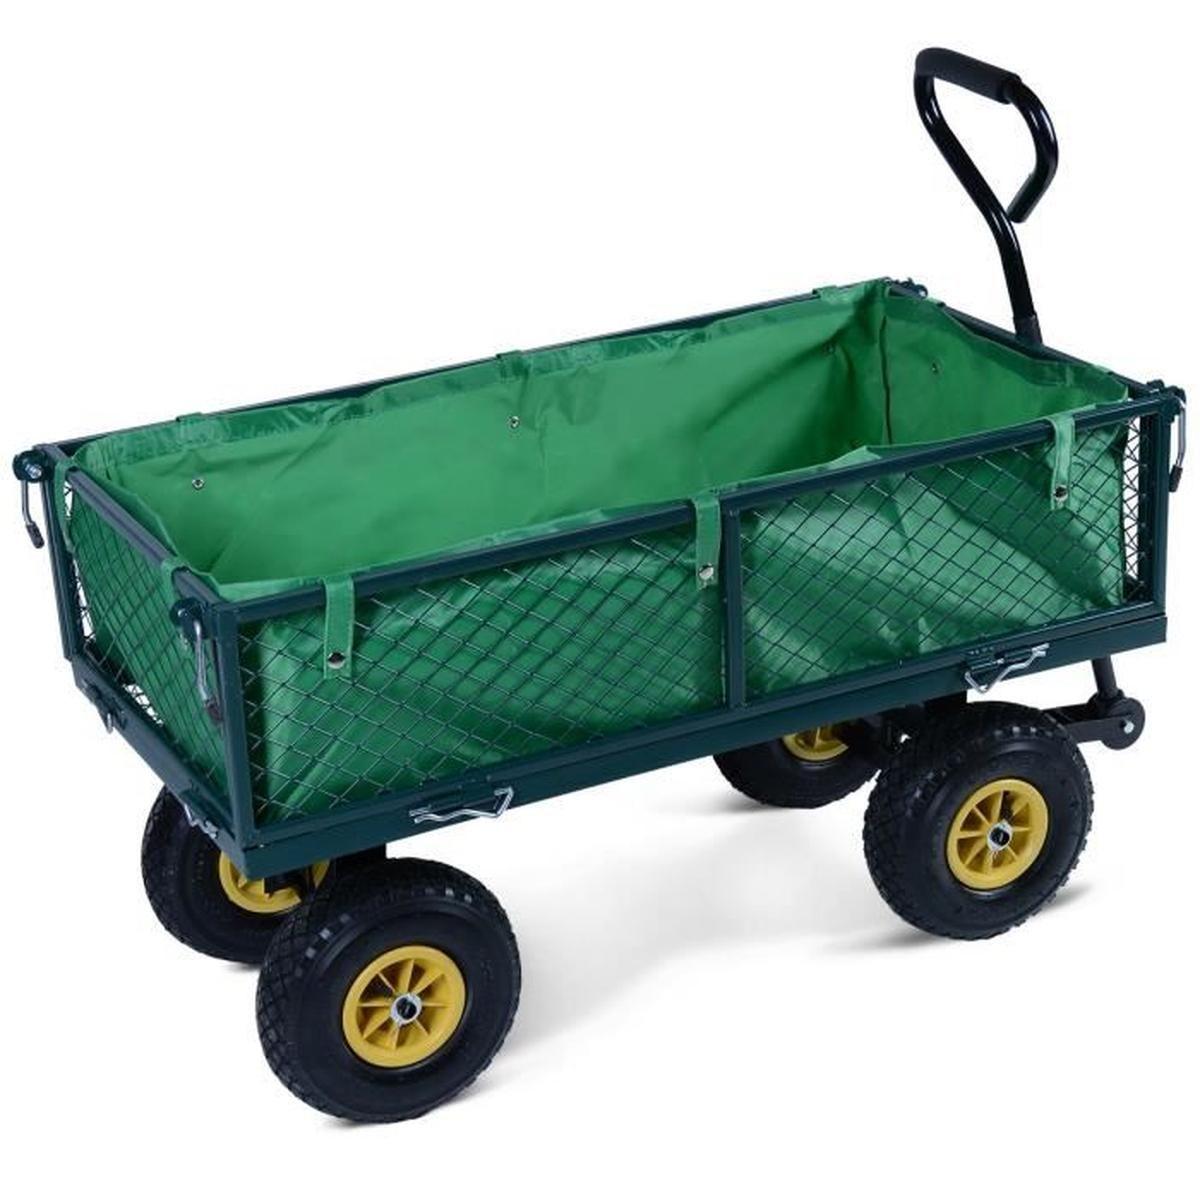 Chariot De Transport Jardin Charette Chariot Remorque À Main ... intérieur Chariot De Jardin Multi Usage